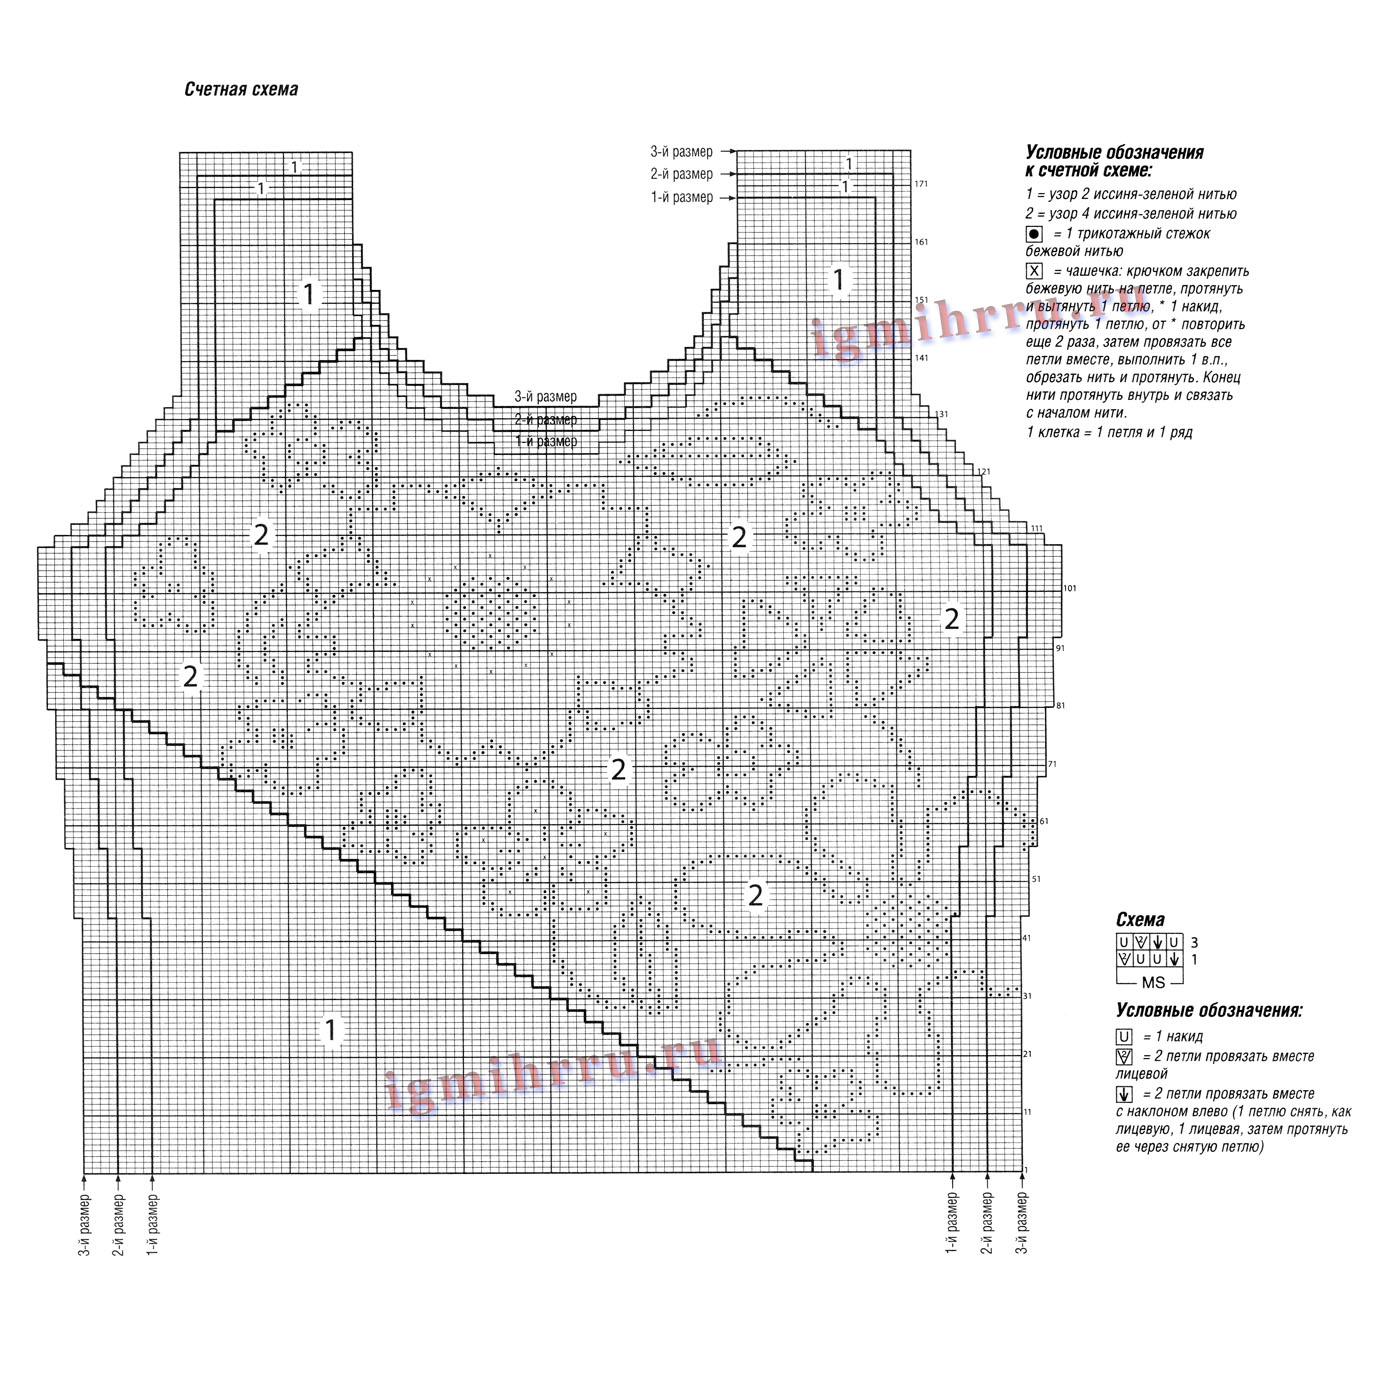 http://igmihrru.ru/MODELI/sp/pulover/942/942.2.jpg